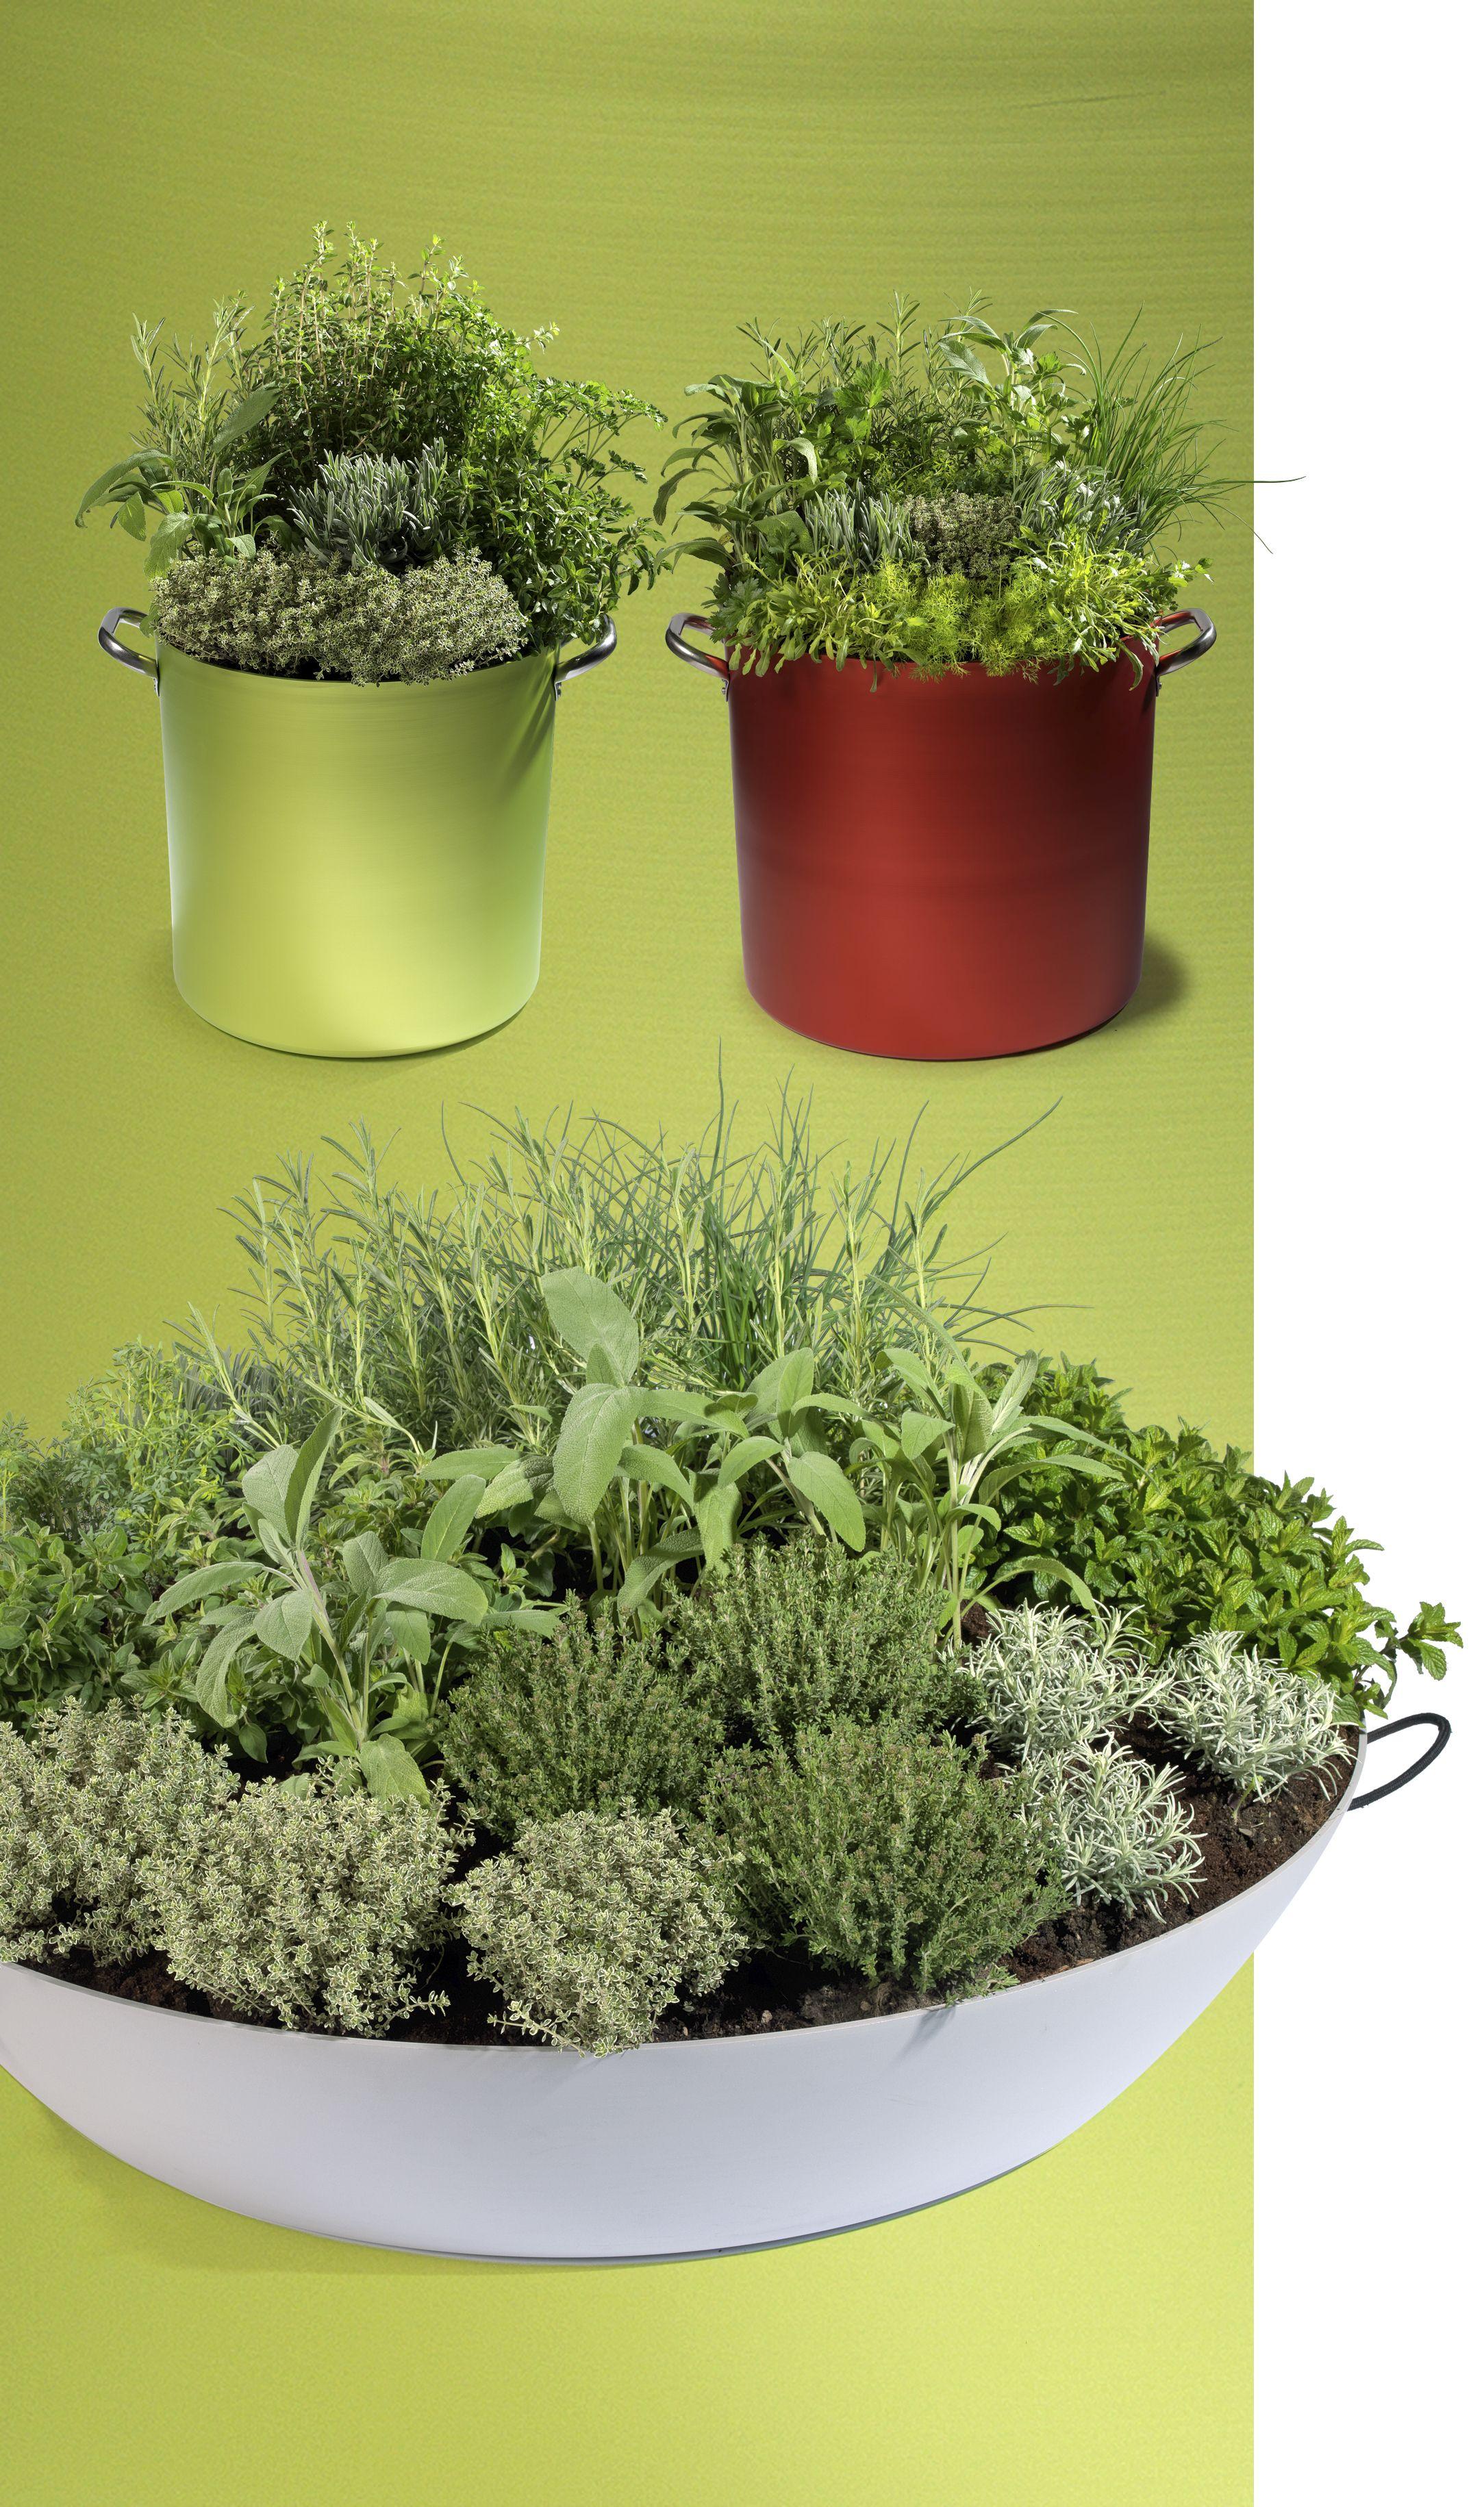 Coltivare In Casa Piante Aromatiche nelle pentole da giardino green pot si possono coltivare